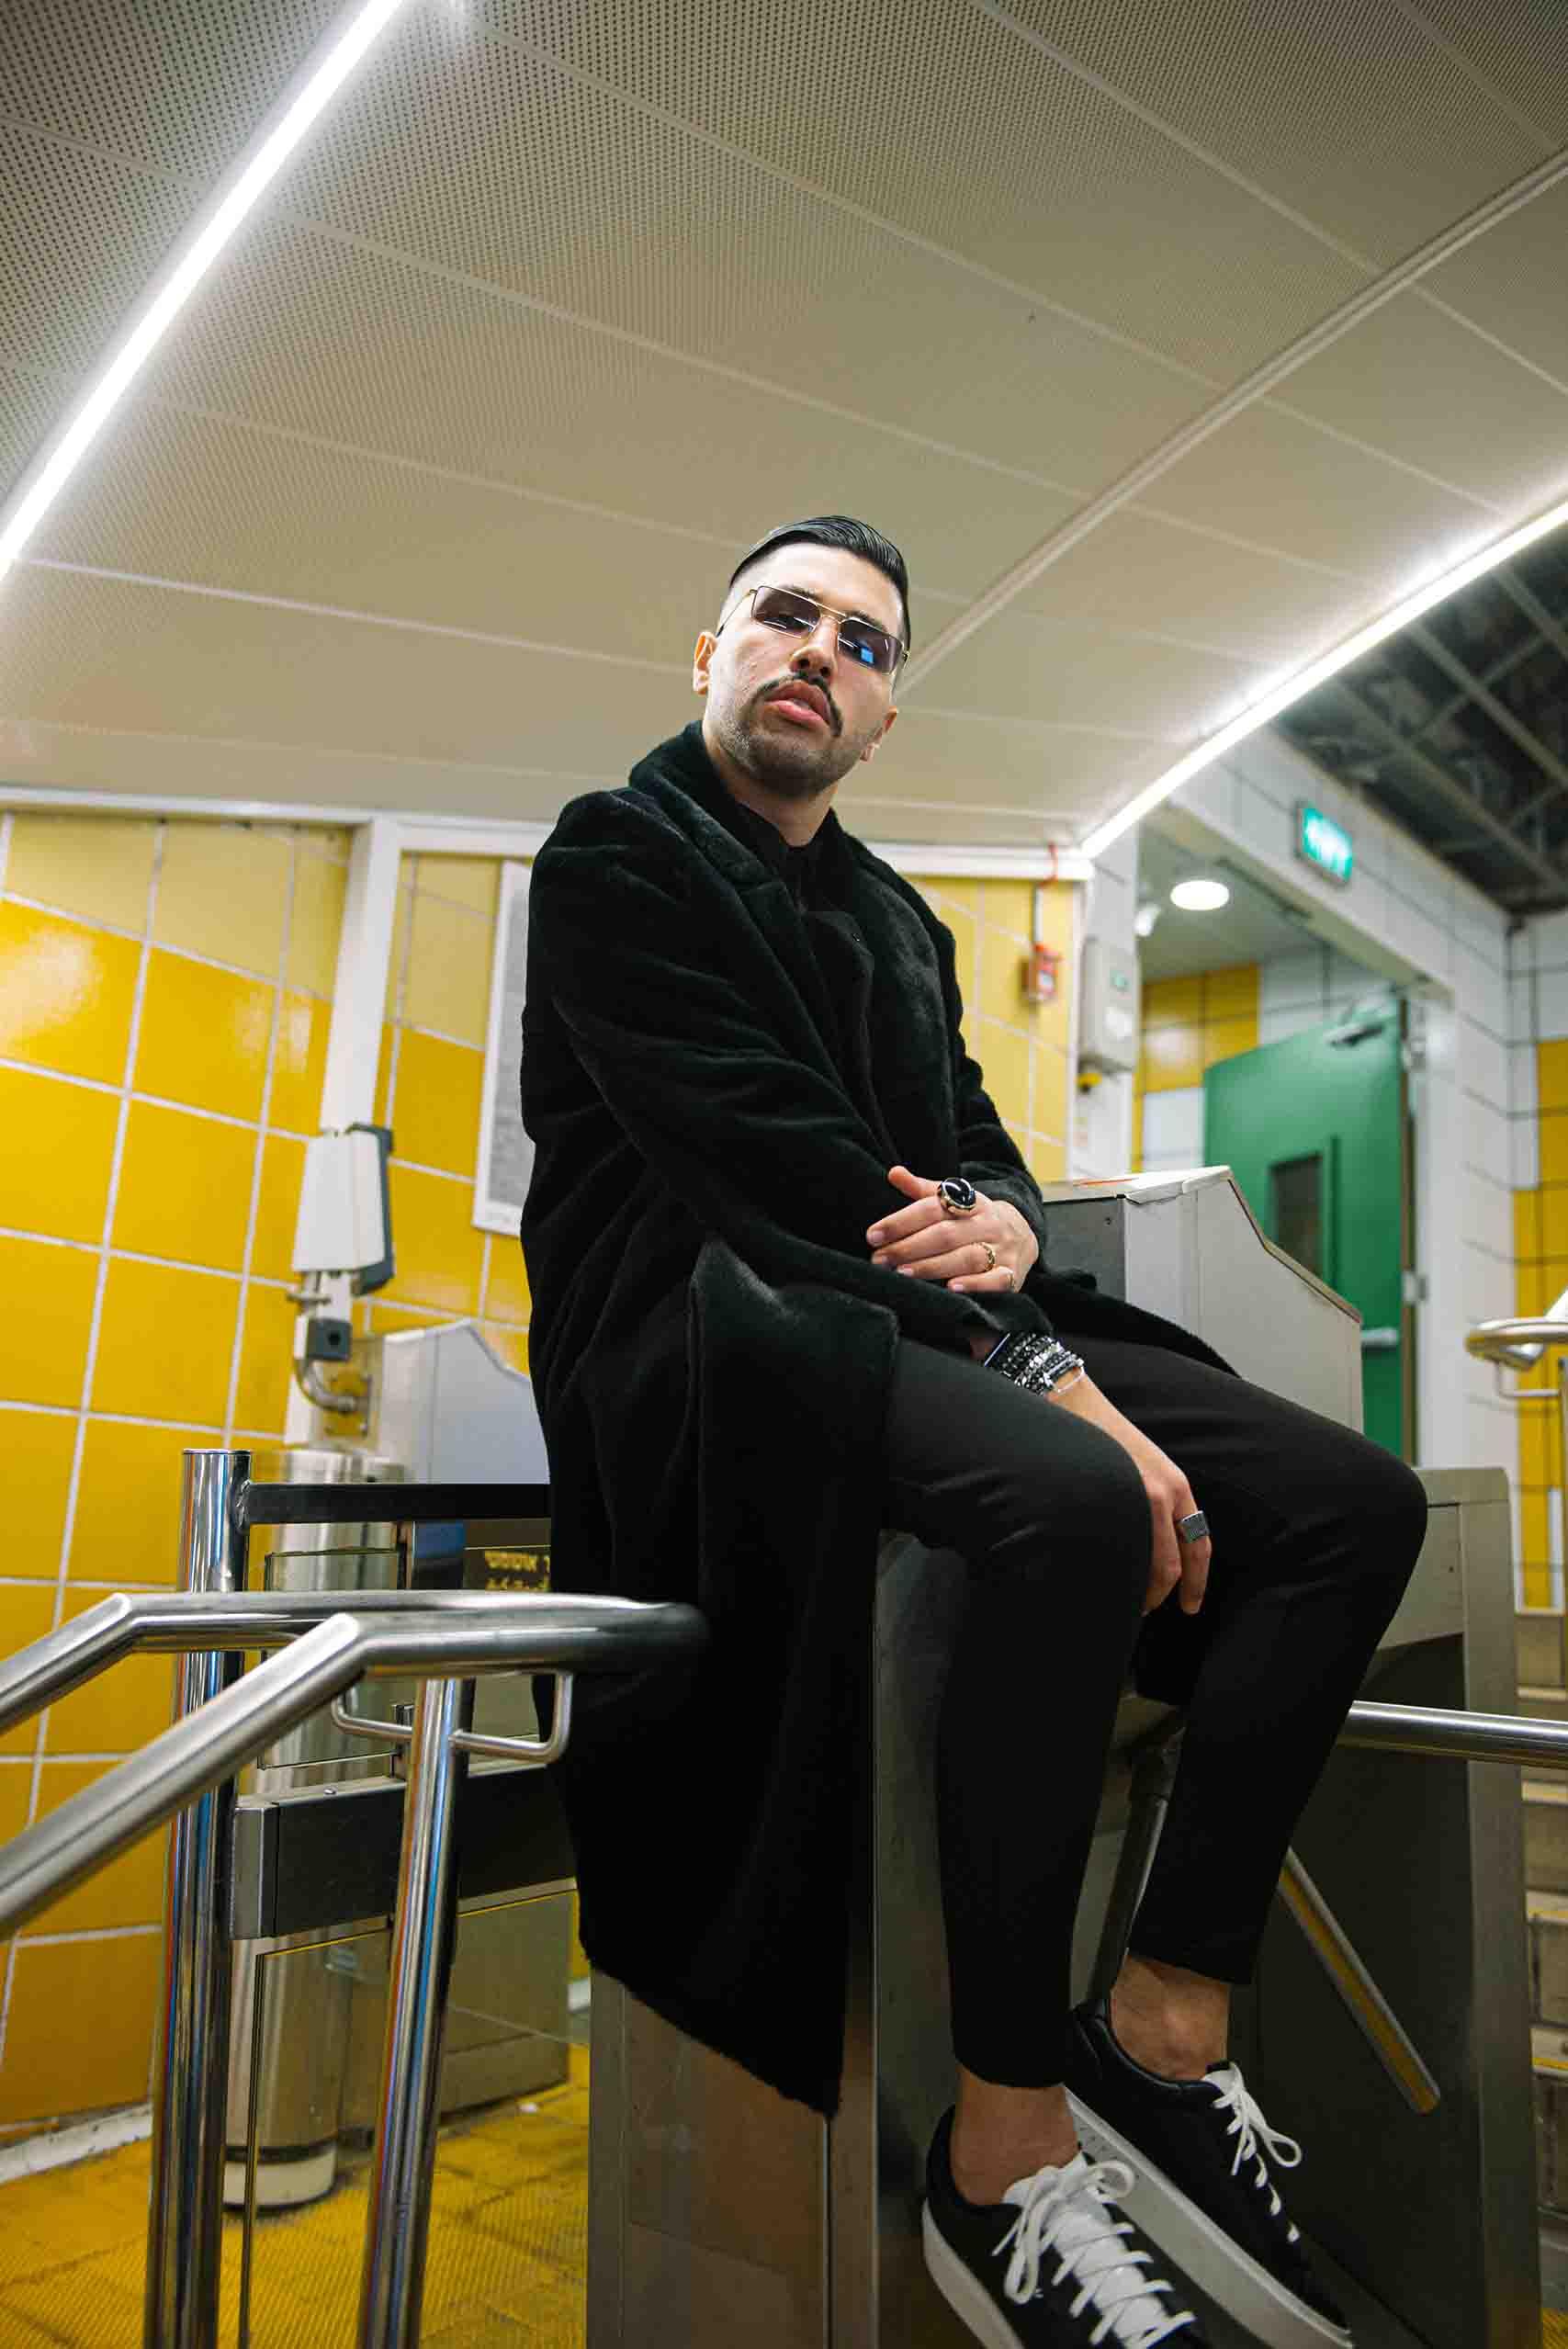 דניאל ציוני, צילום דניס גרצקיס , חדשות האופנה, בוגר אופנה